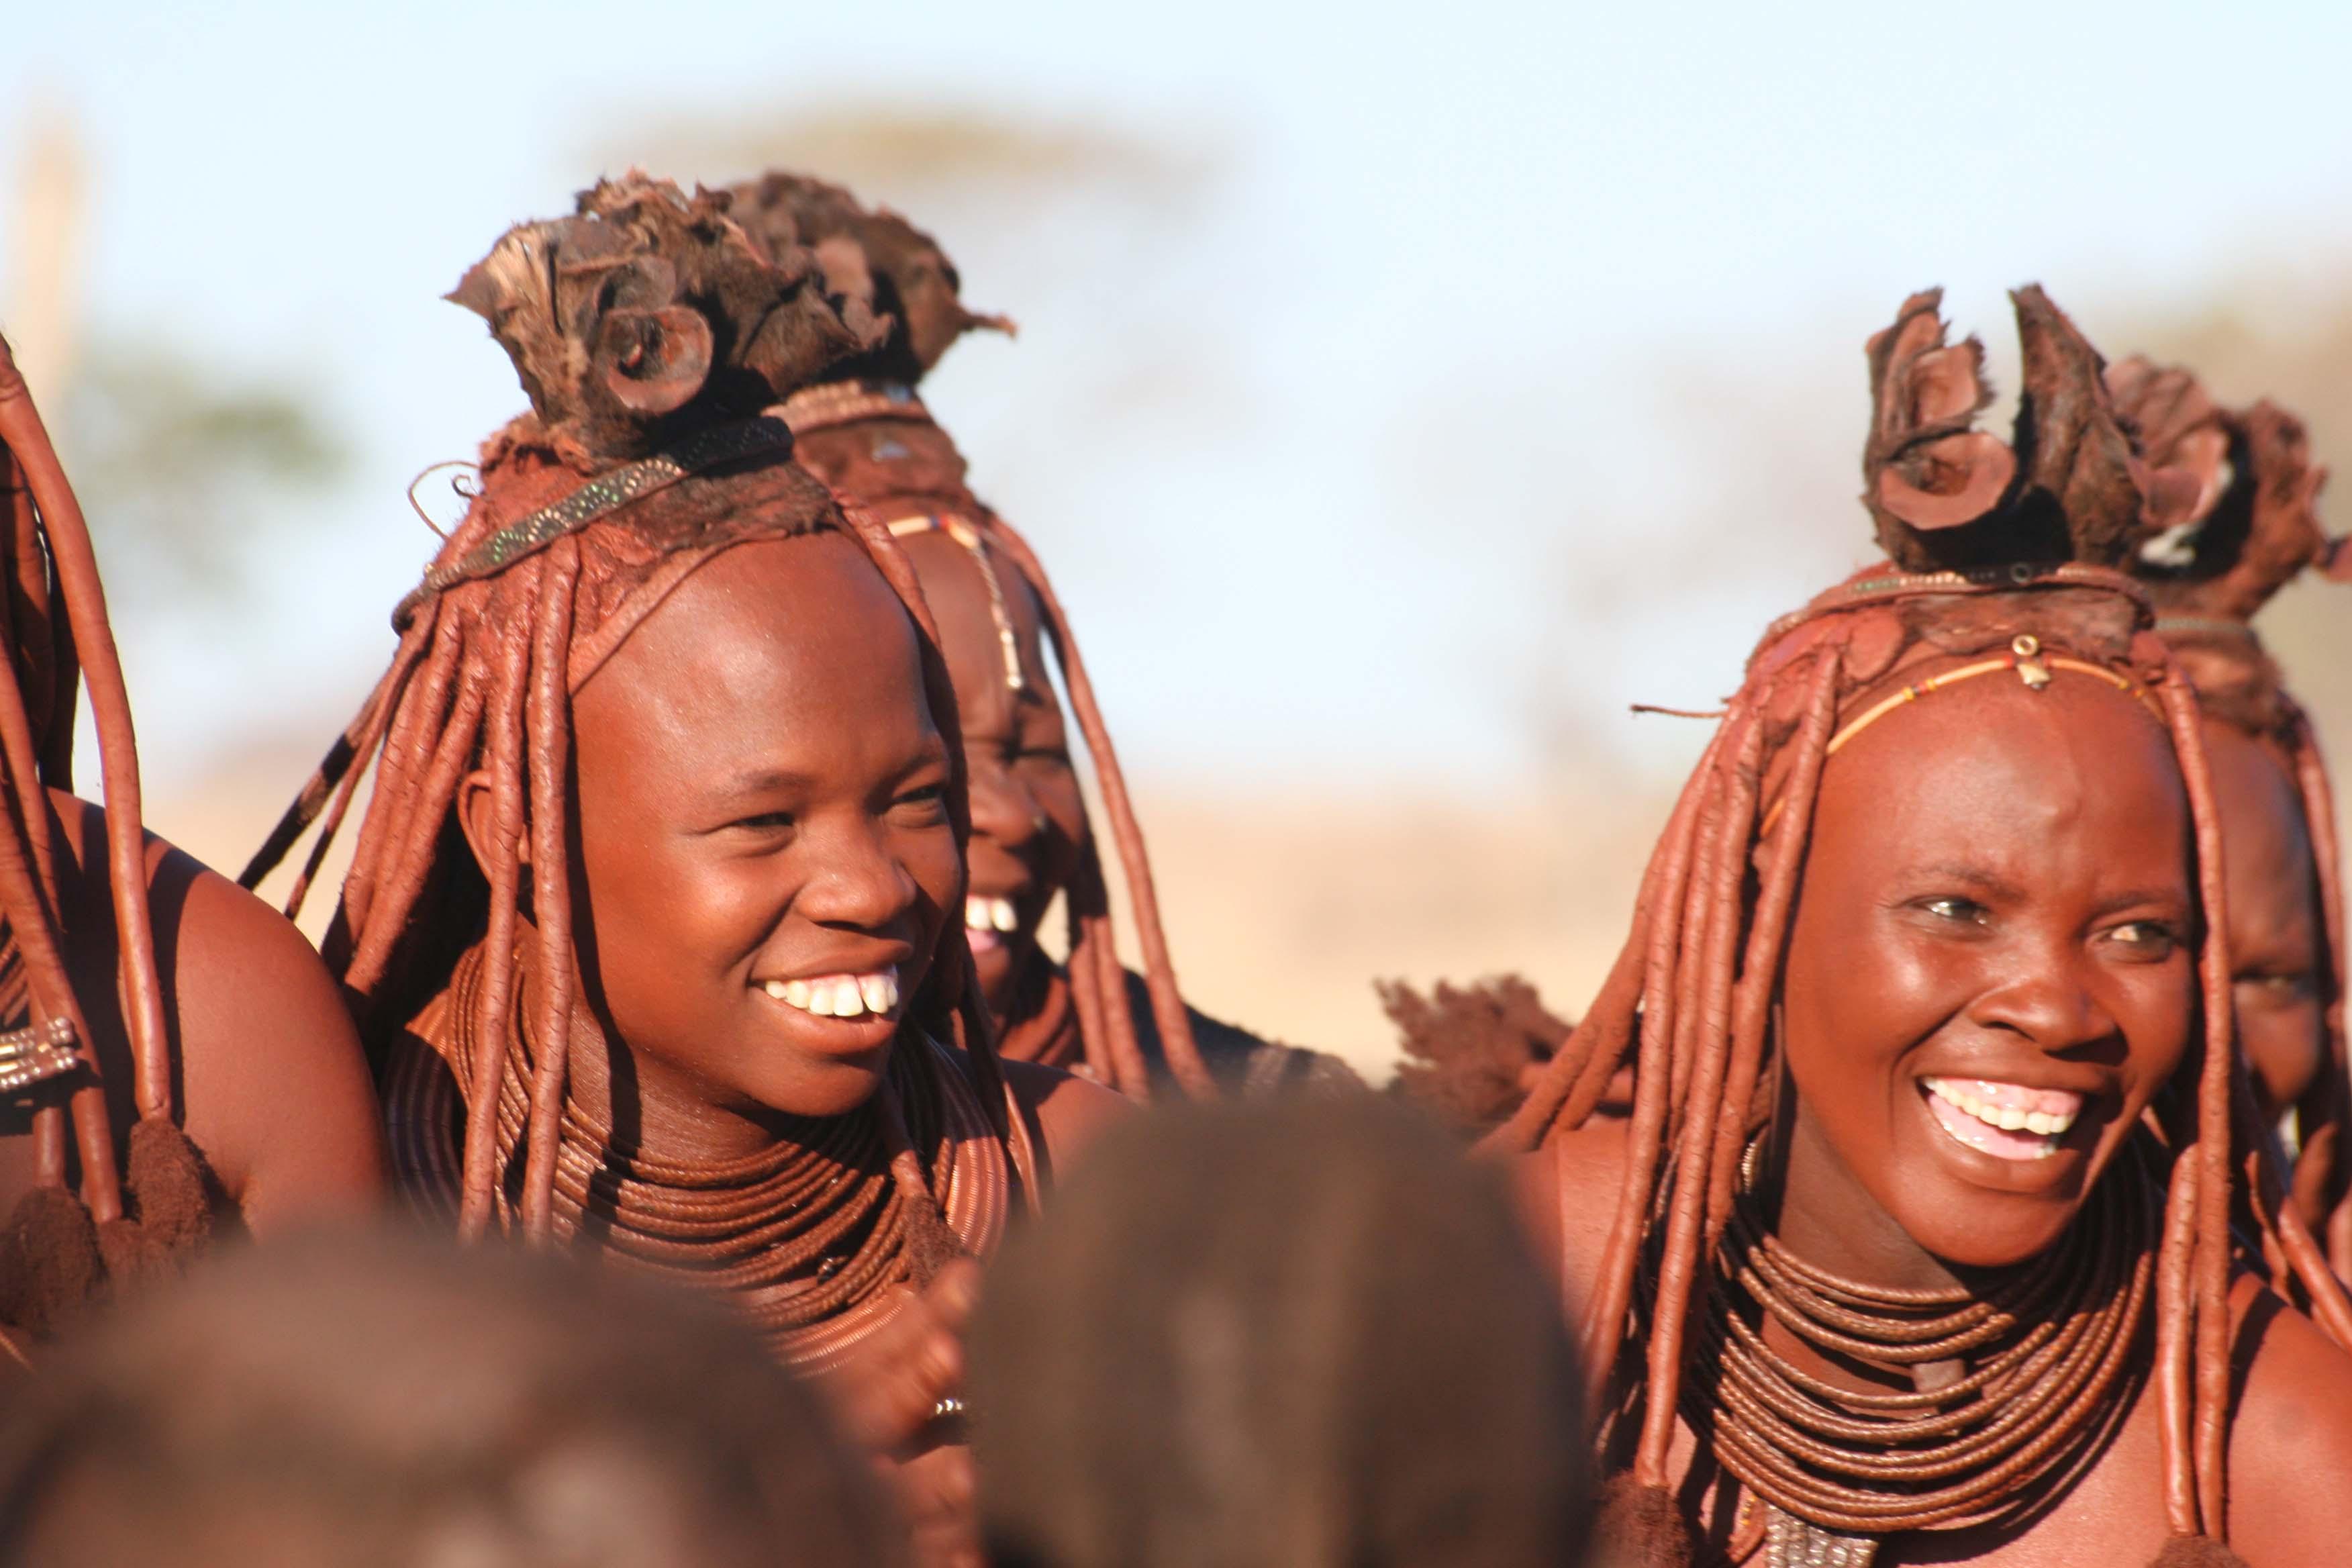 Namibie, Kaokoland, au milieu d'une danse, deux femmes Himba en tenue traditionnelle affichent de grands sourires